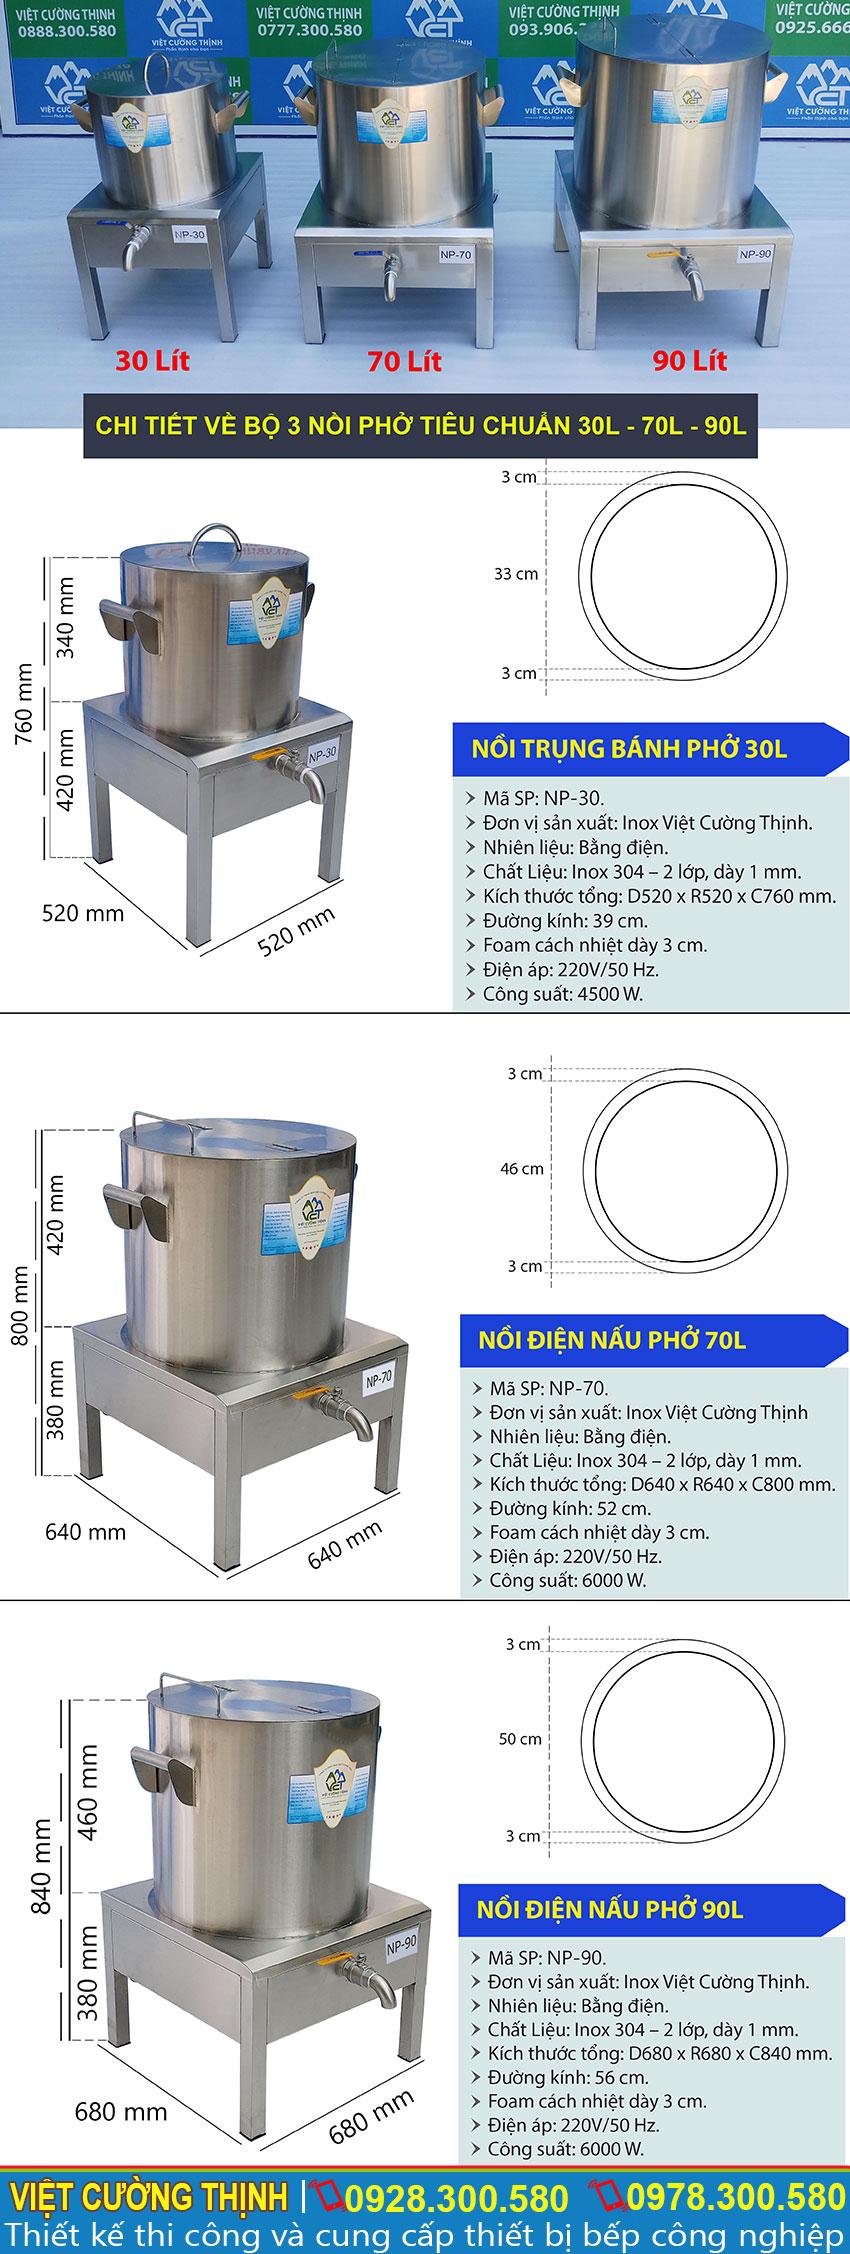 Thông số kỹ thuật Bộ Nồi Nấu Phở Bằng Điện Tiêu Chuẩn 30L – 70L – 90L